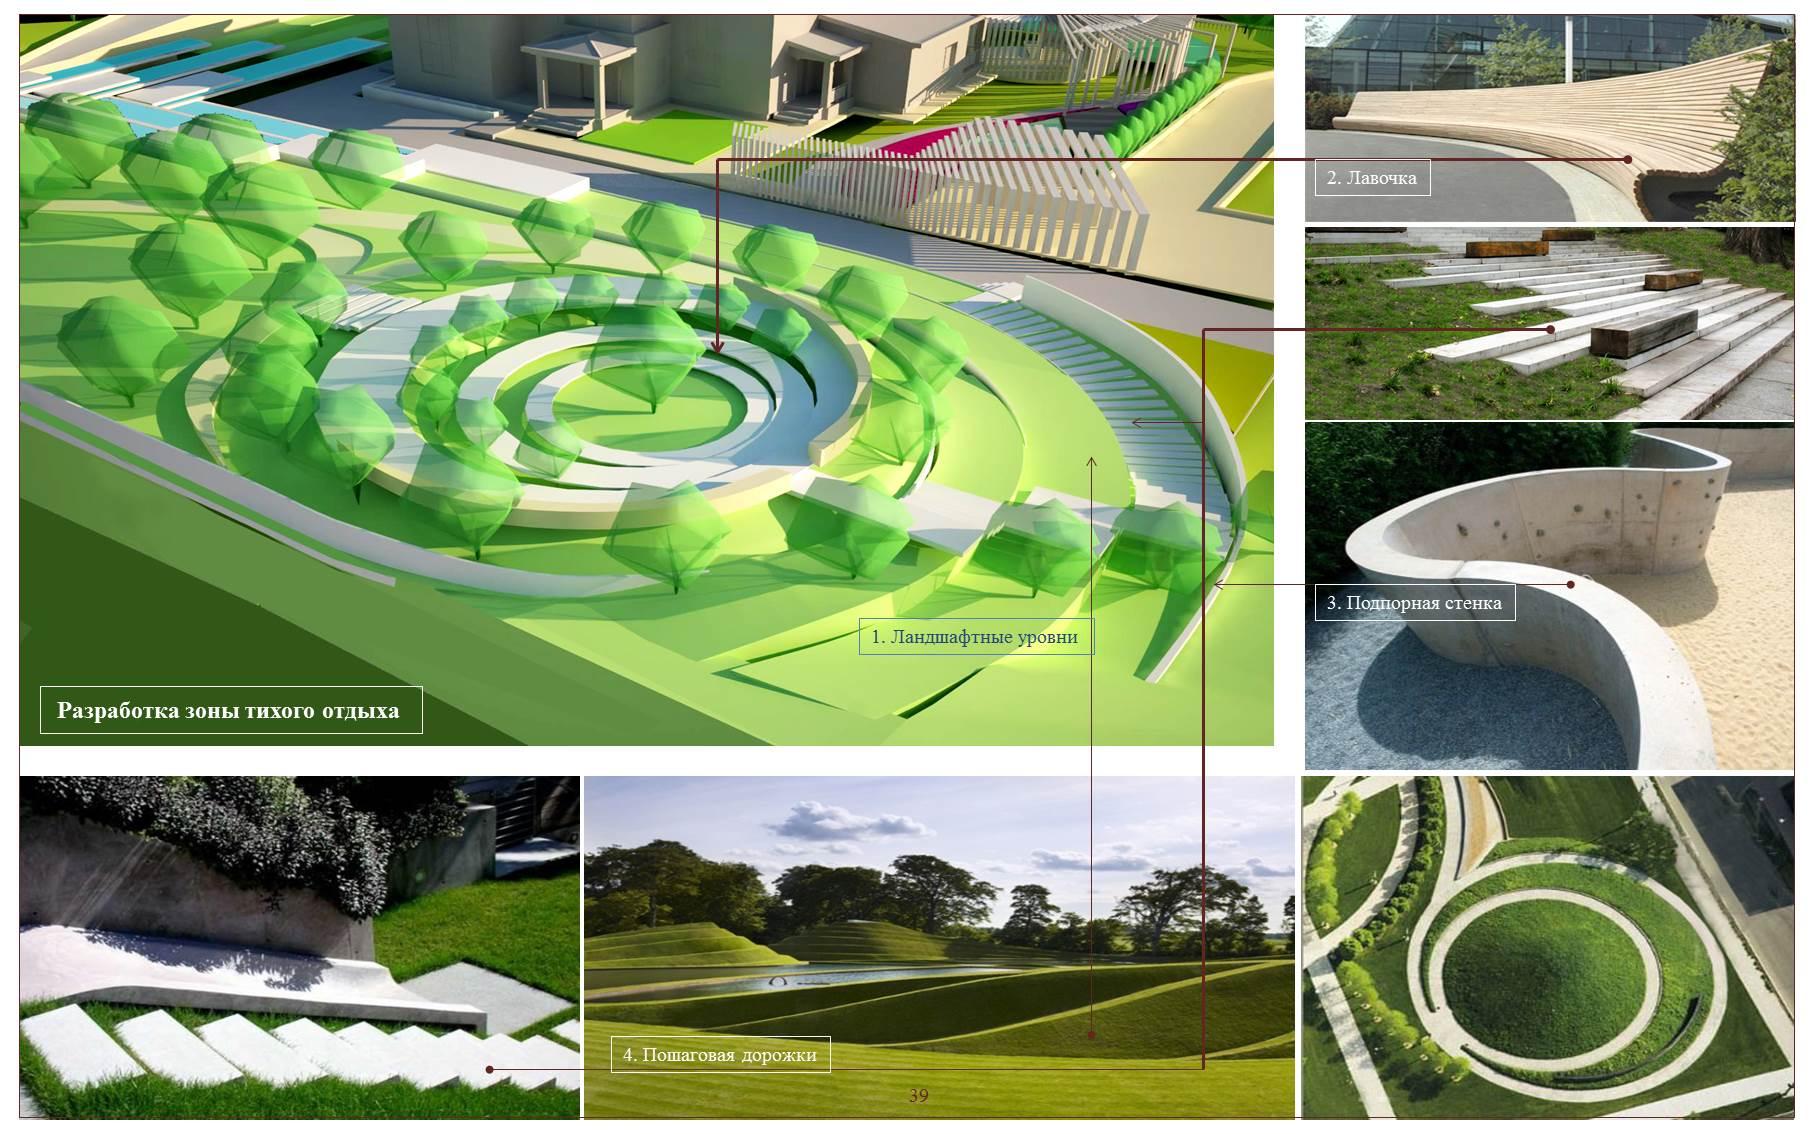 Ландшафтный дизайн этапы